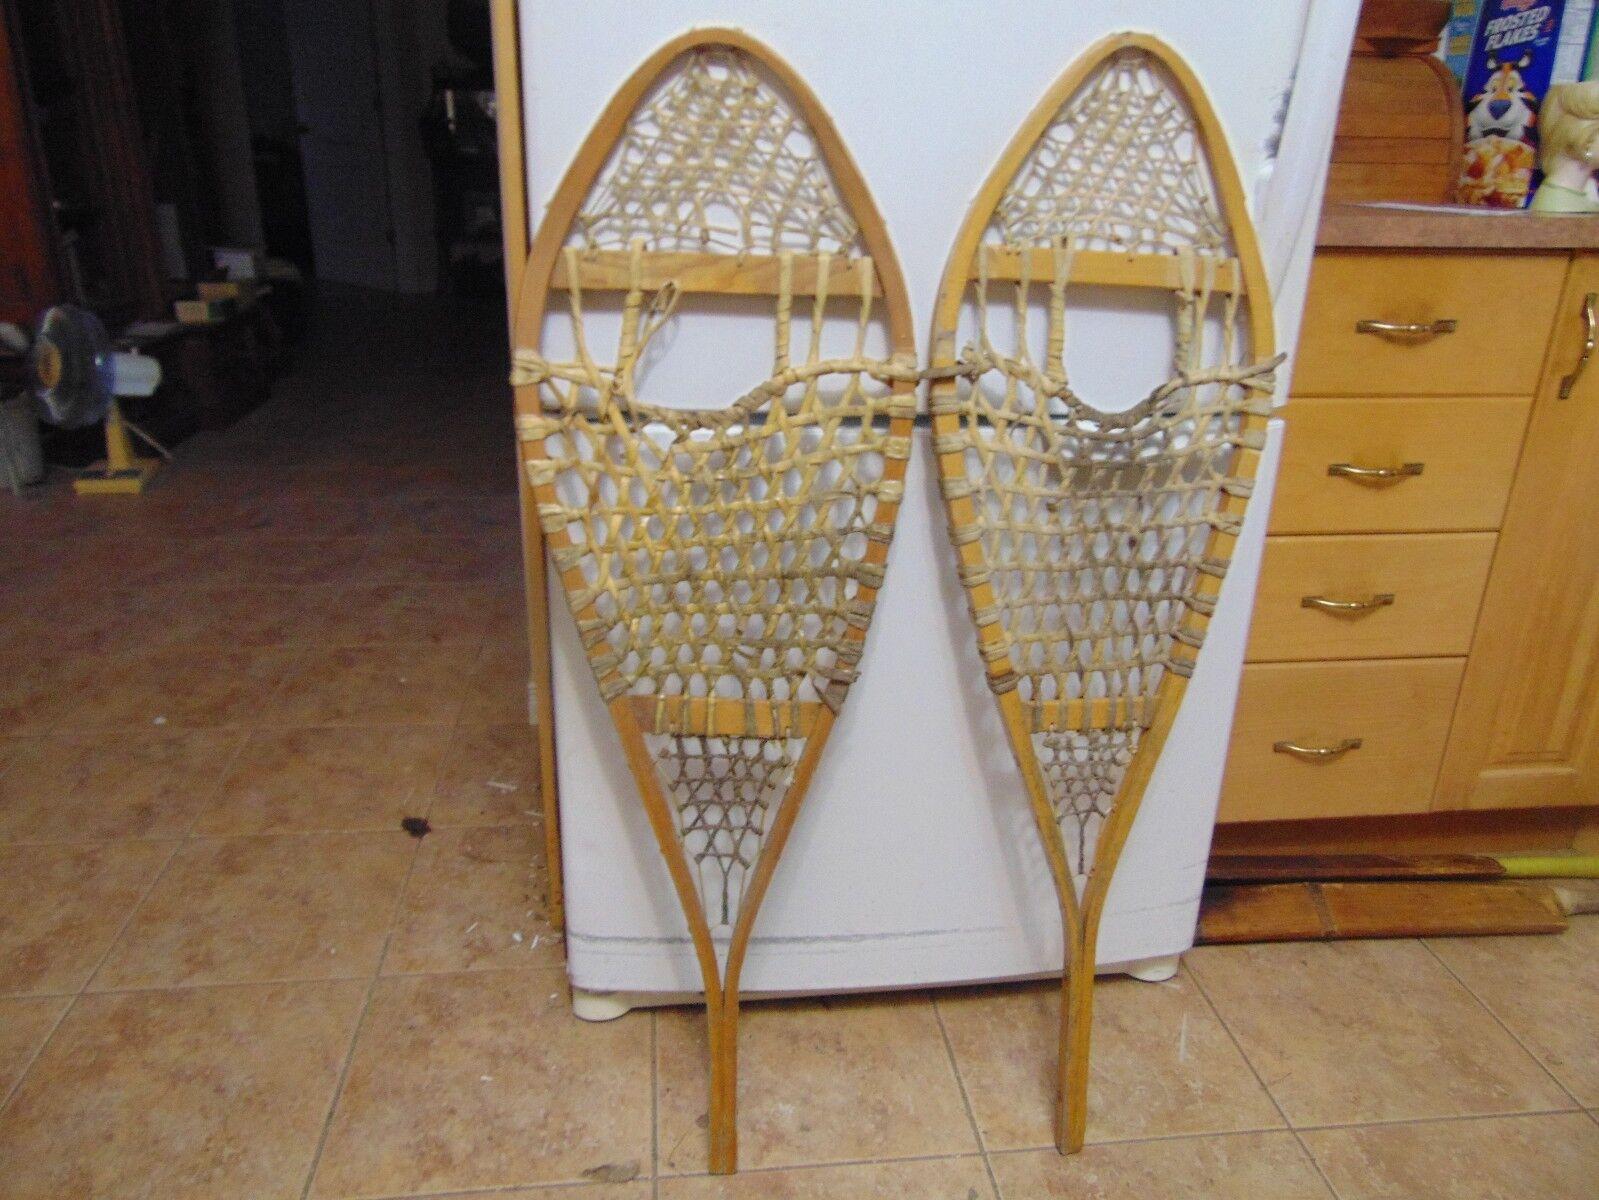 Vintage     snowshoes       13   x  43  chalet decor    nice